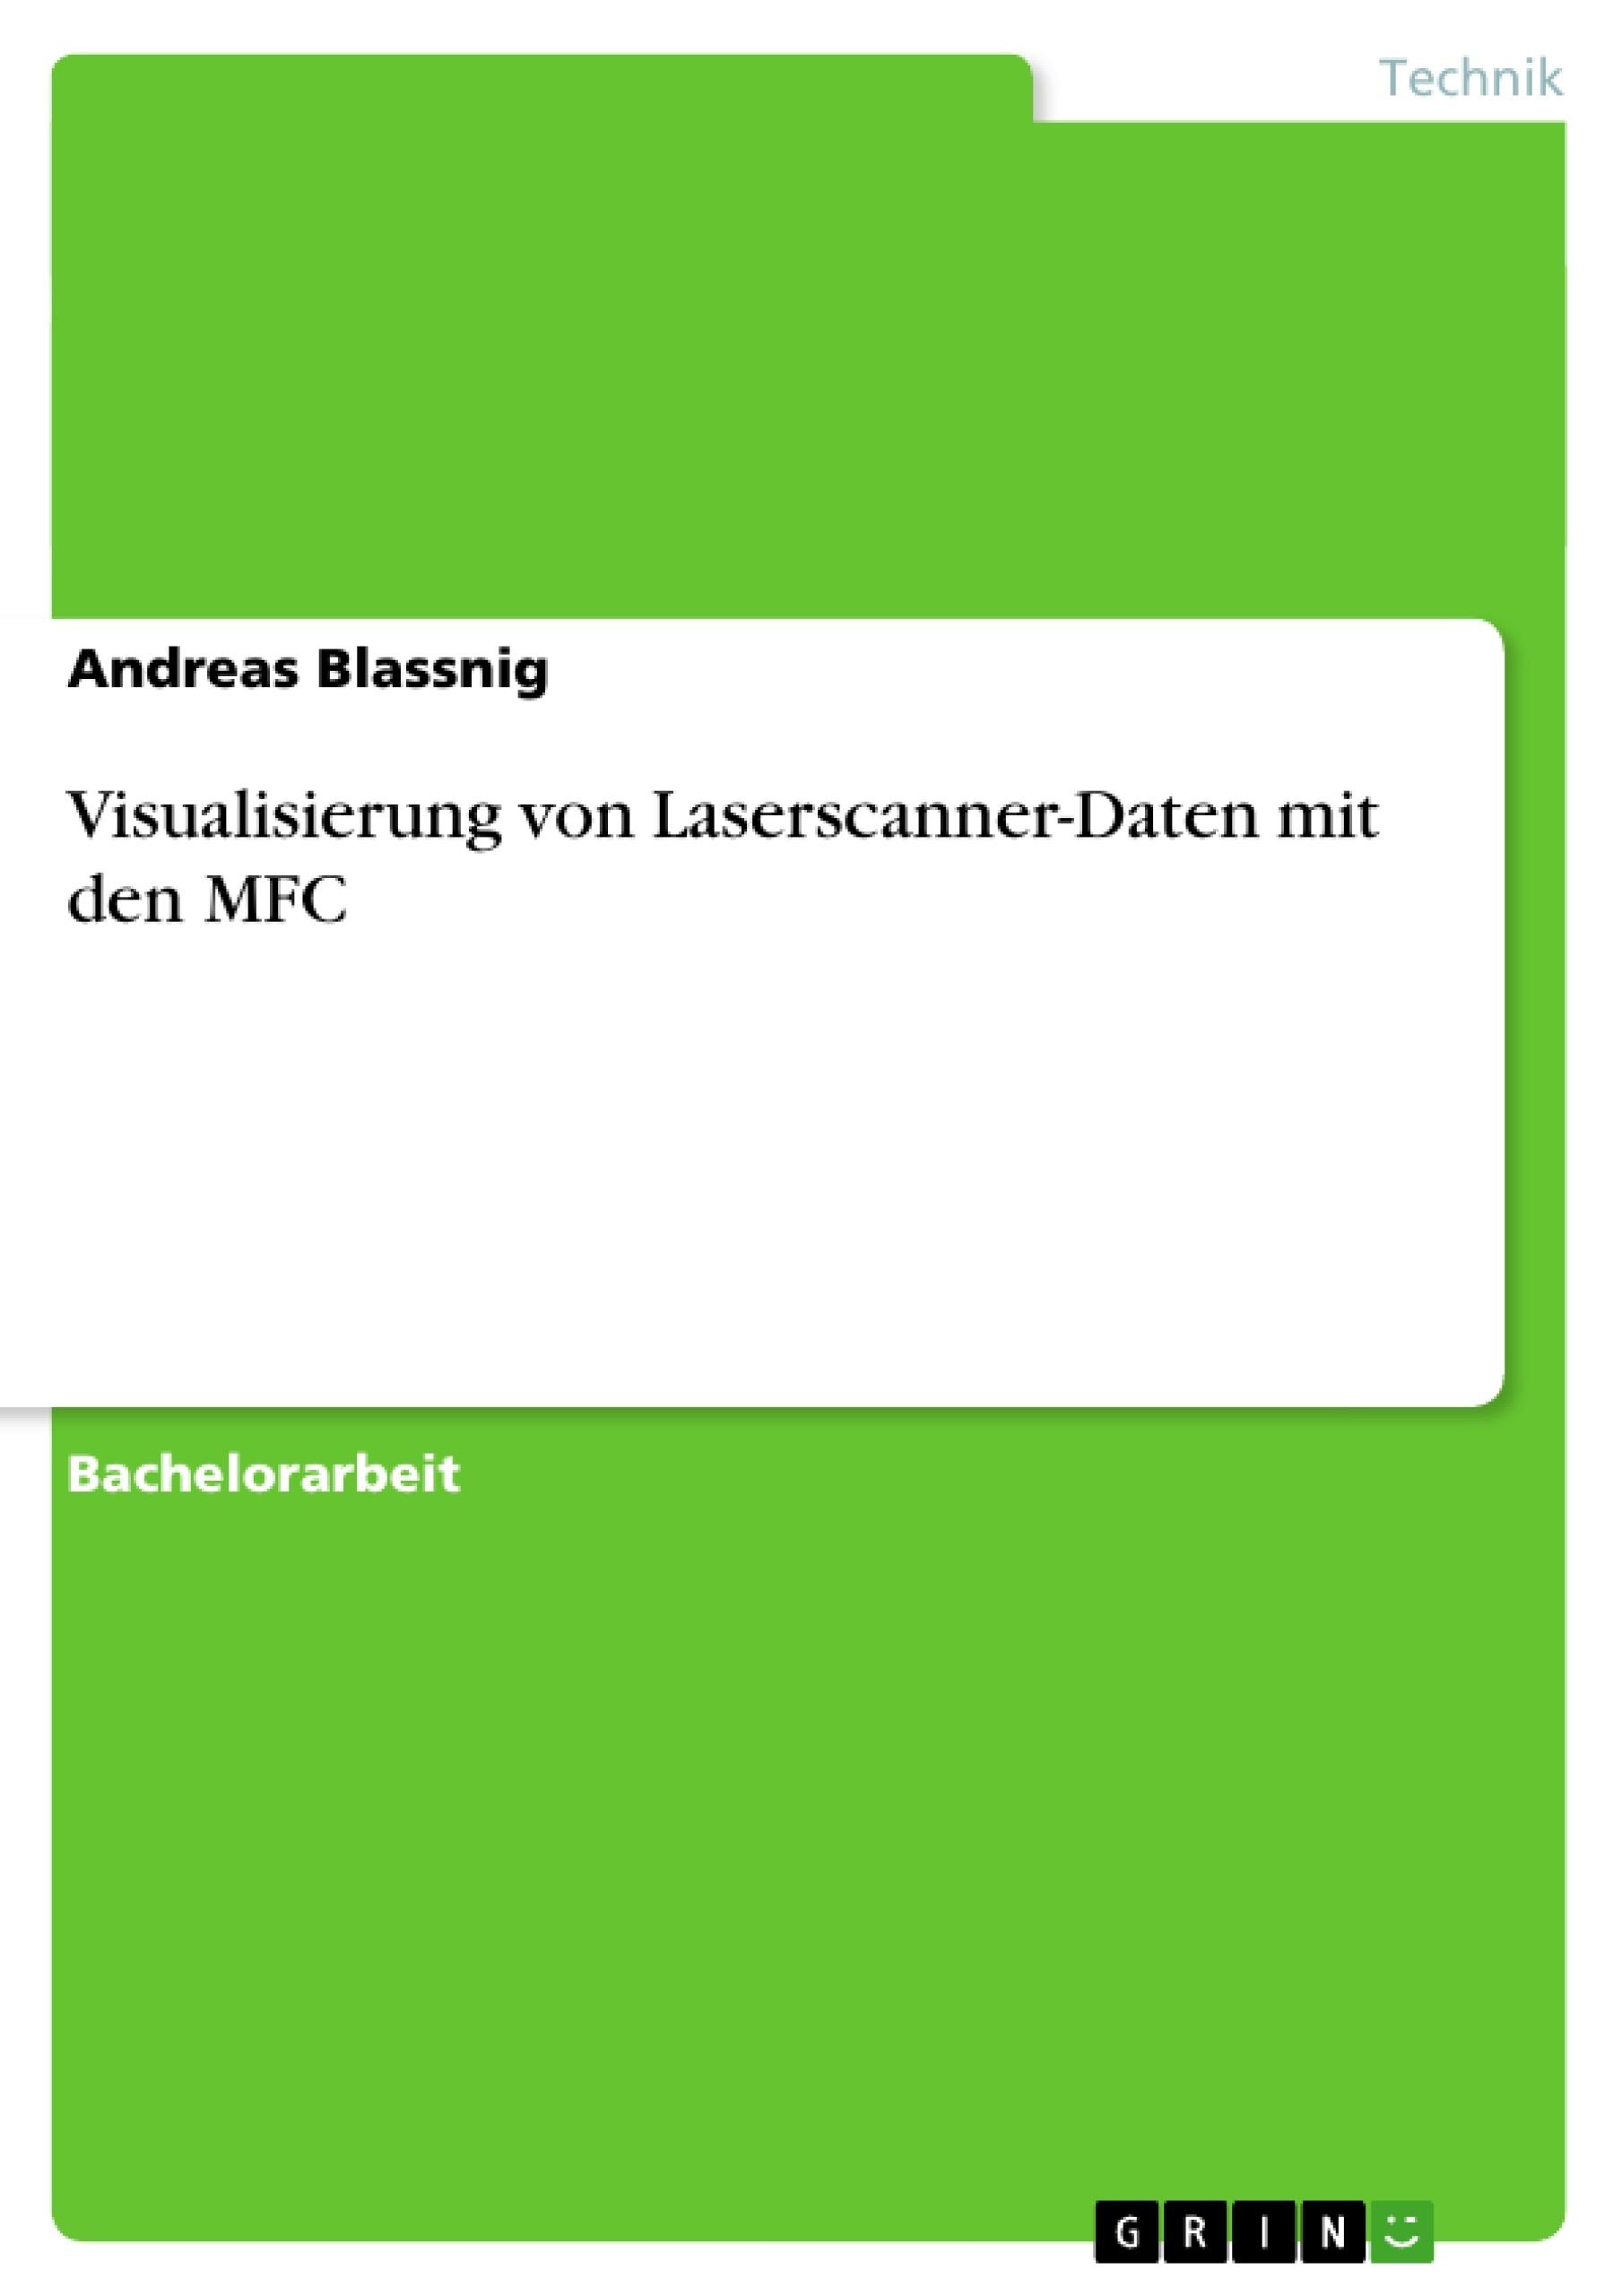 Titel: Visualisierung von Laserscanner-Daten mit den MFC